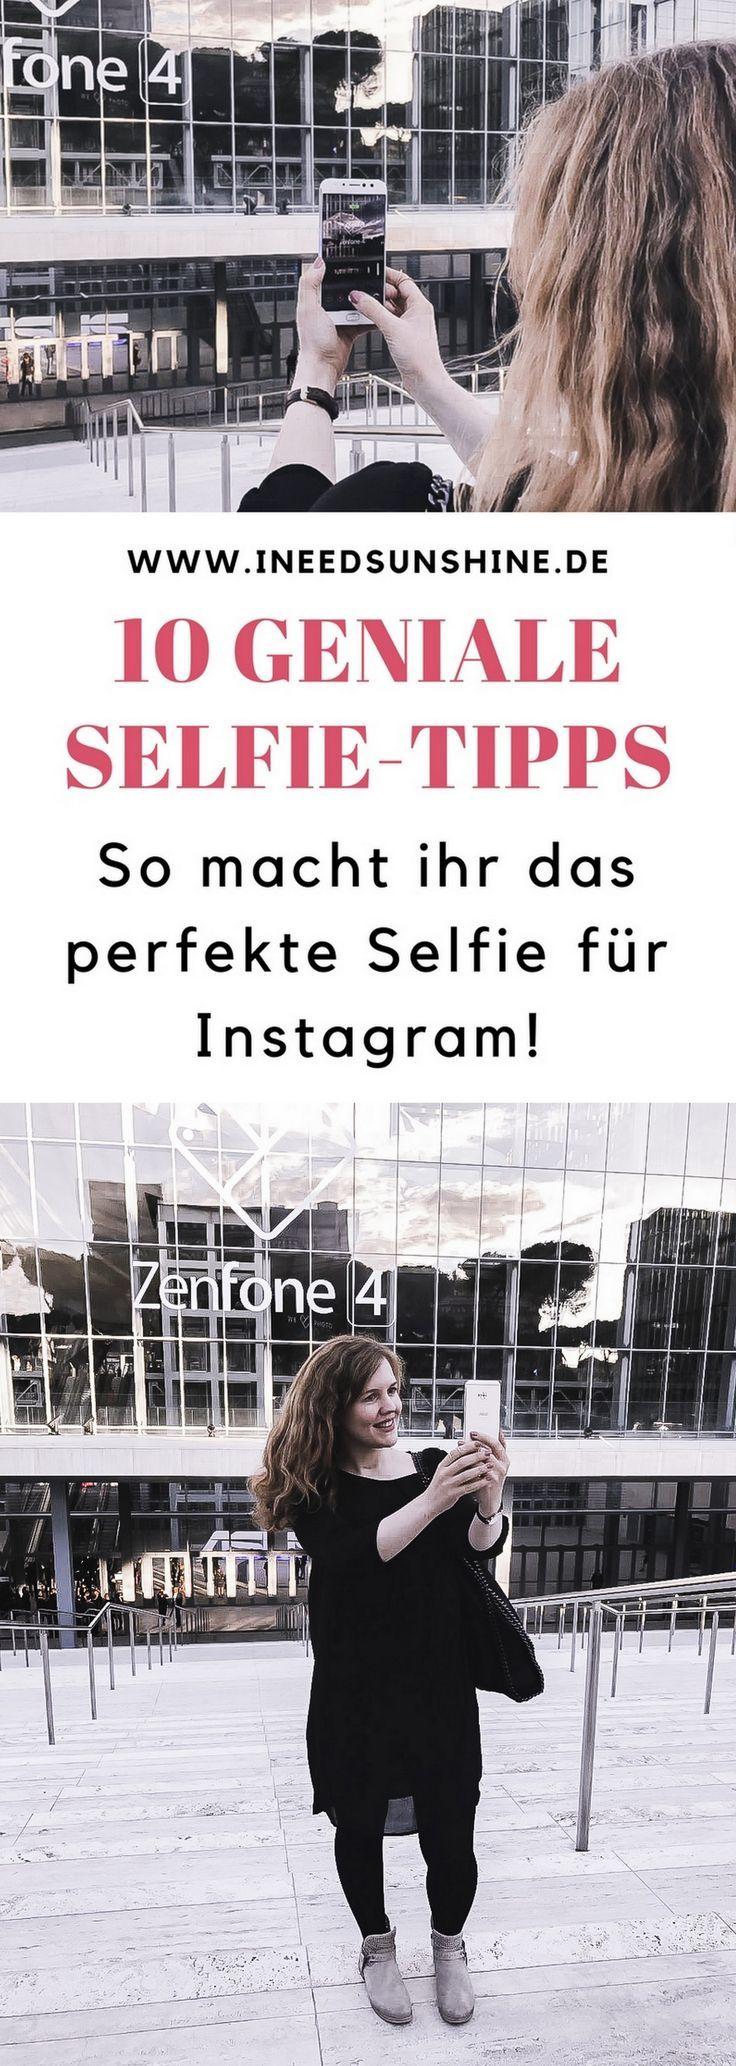 10 einfache Selfie-Tipps für Instagram